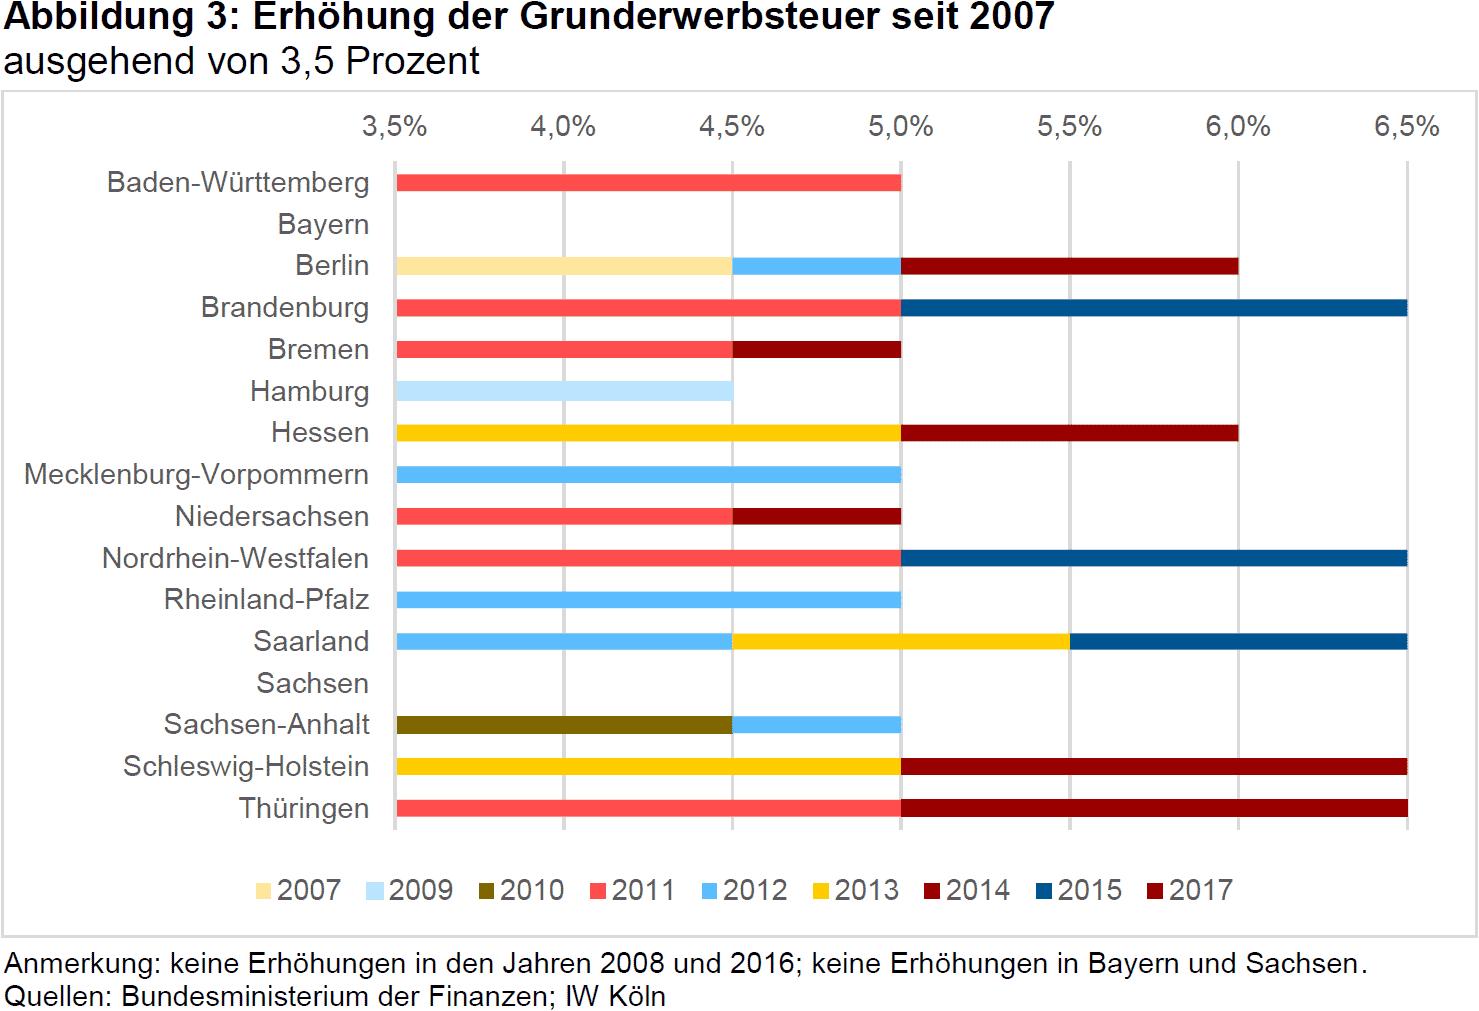 13 mrd euro grunderwerbsteuer allein 2016 und optionen zur reform der grunderwerbsteuer